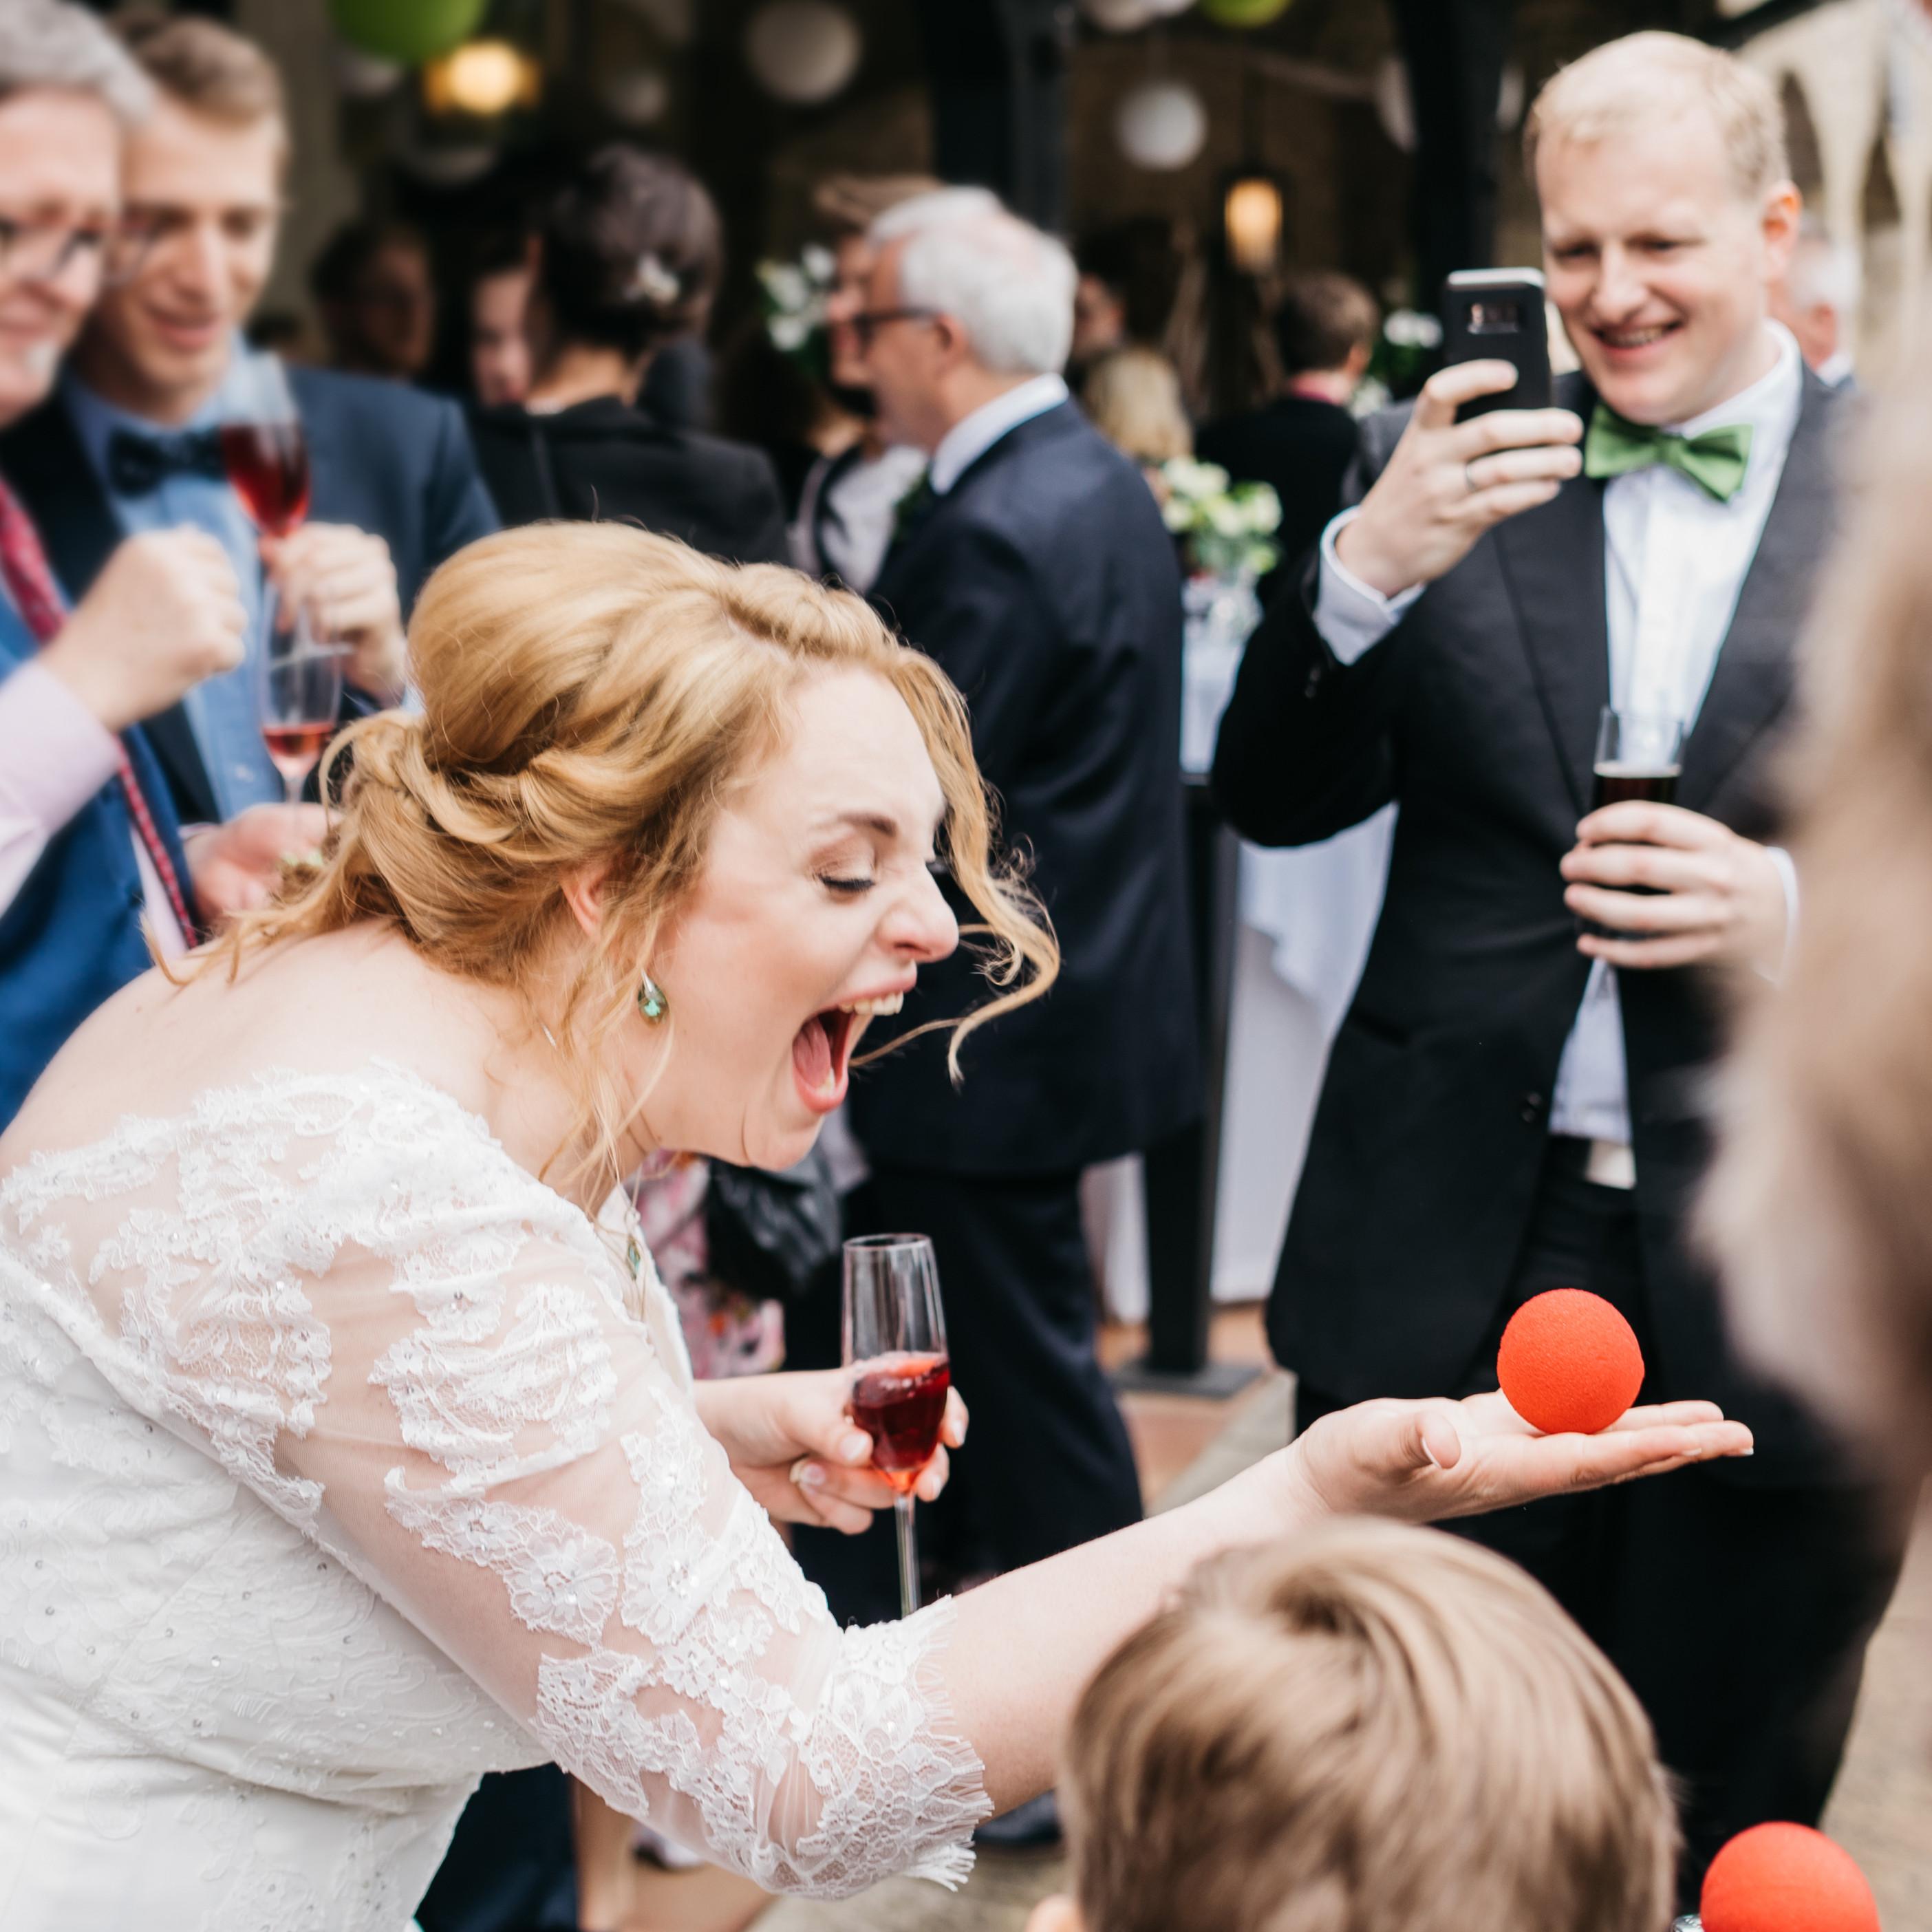 Tischzauberei beim Sektempfang einer Hochzeit